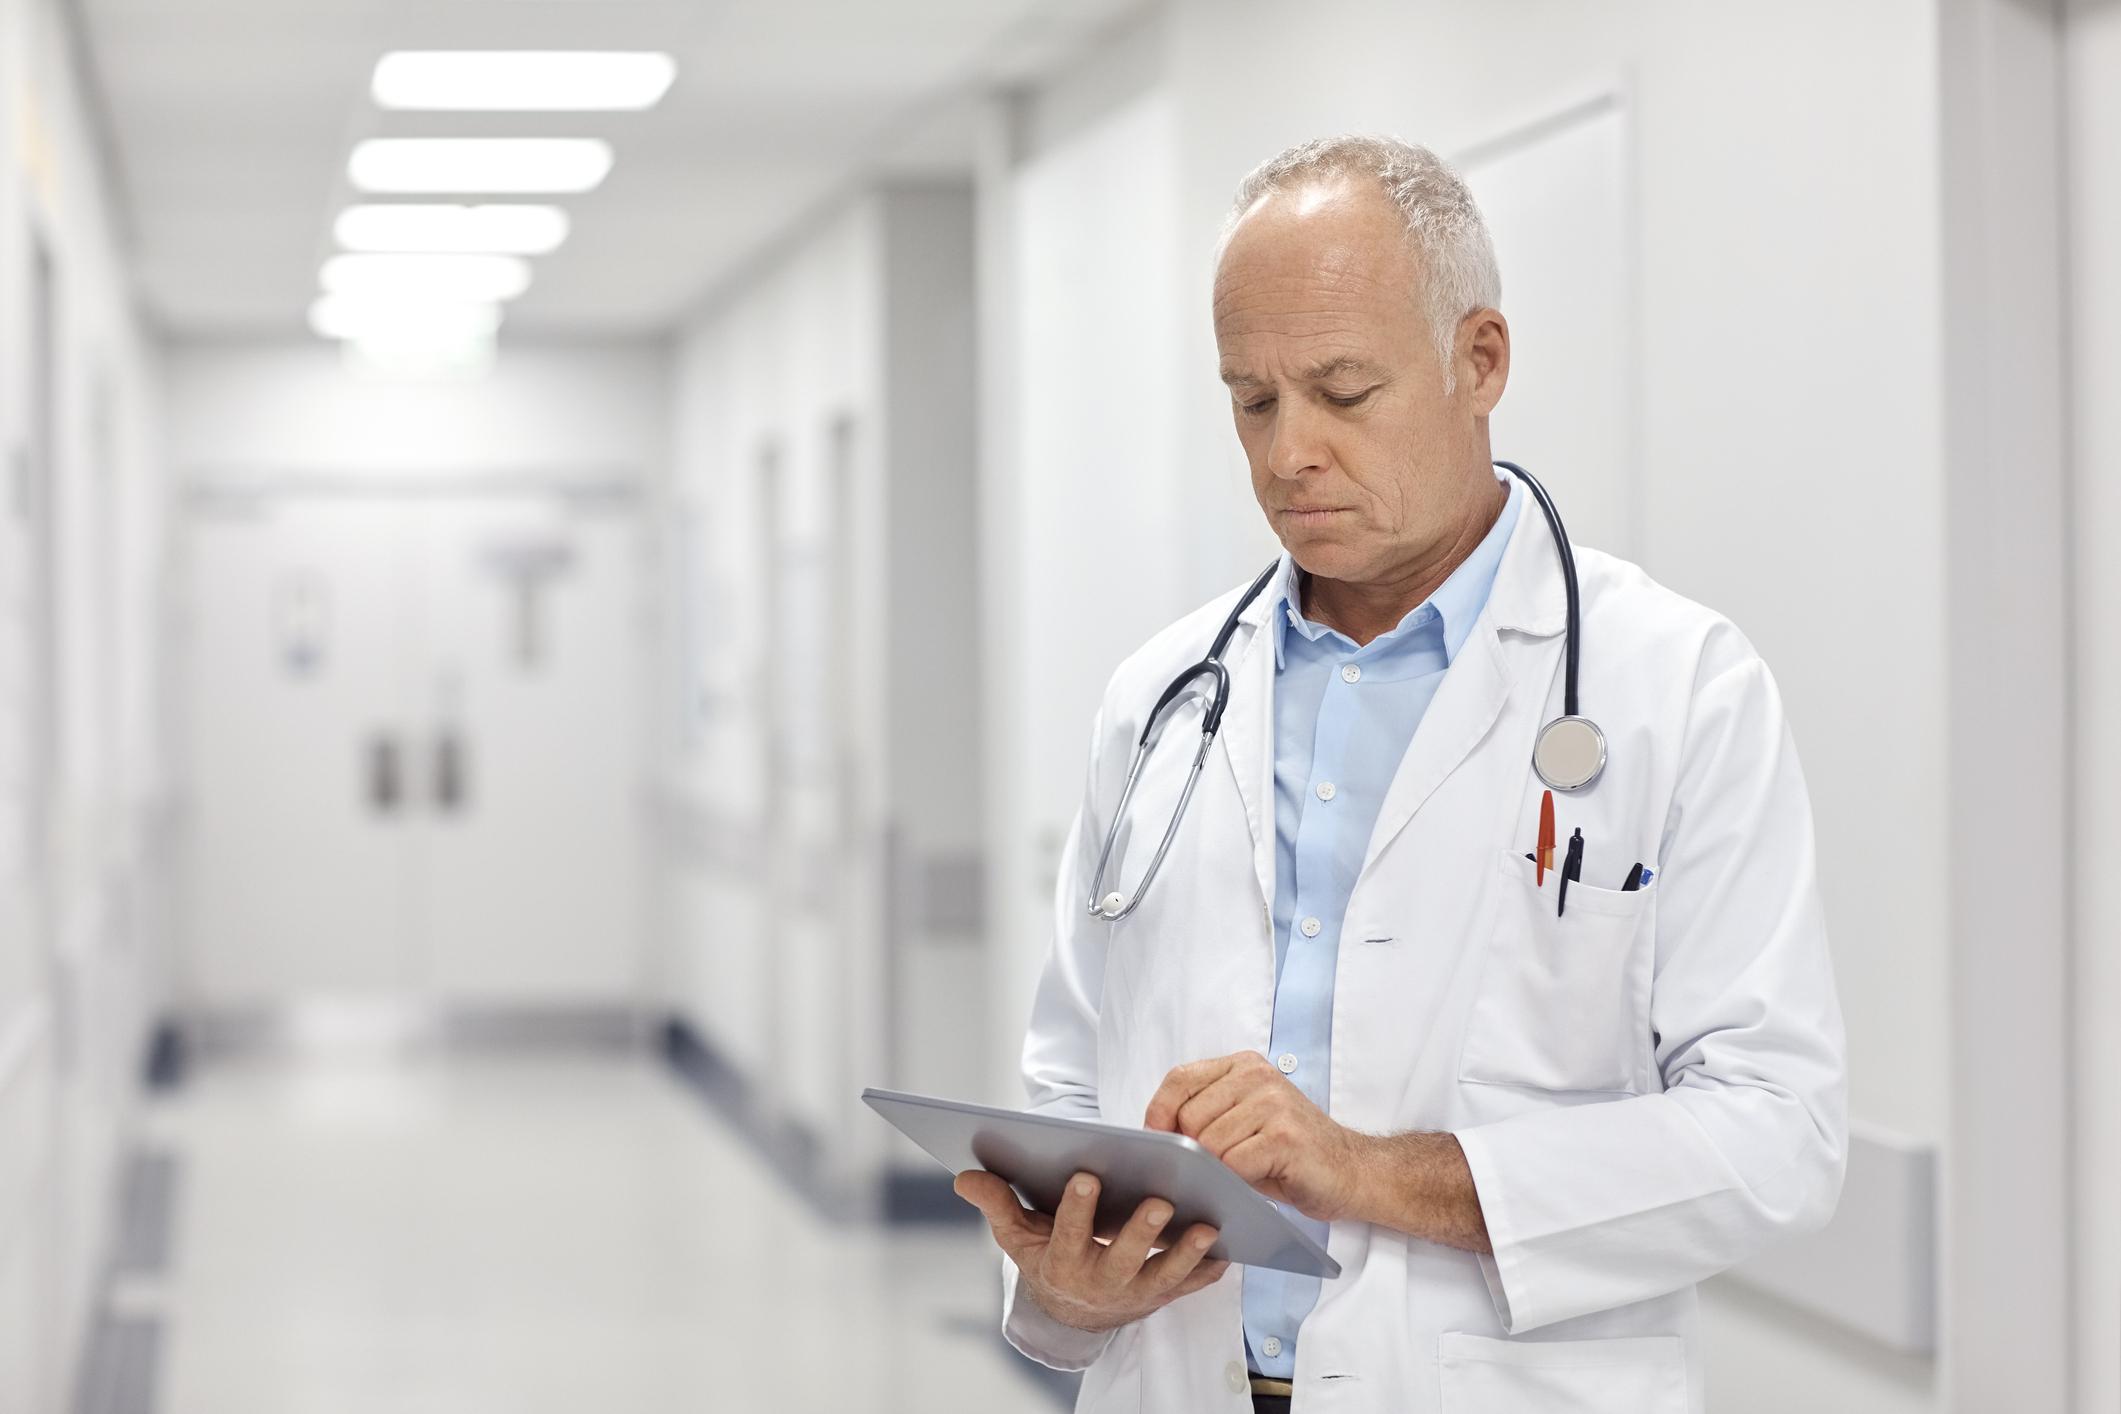 Refus du don d'organe, le rôle des médecins